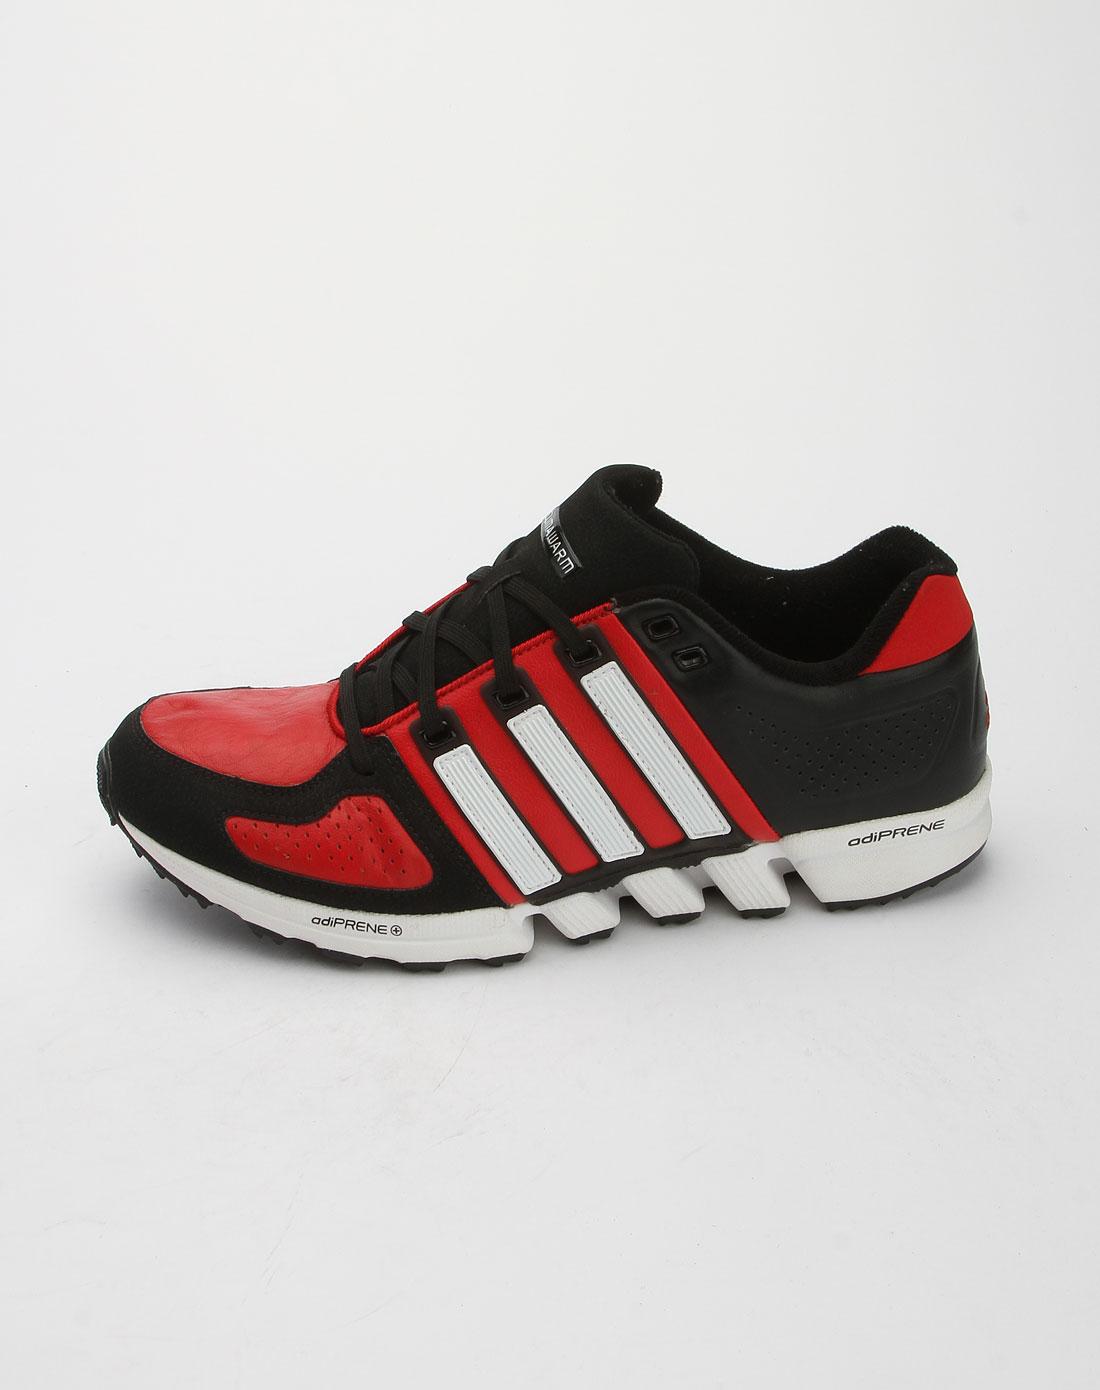 阿迪达斯adidas红拼黑白色跑步运动鞋v20796